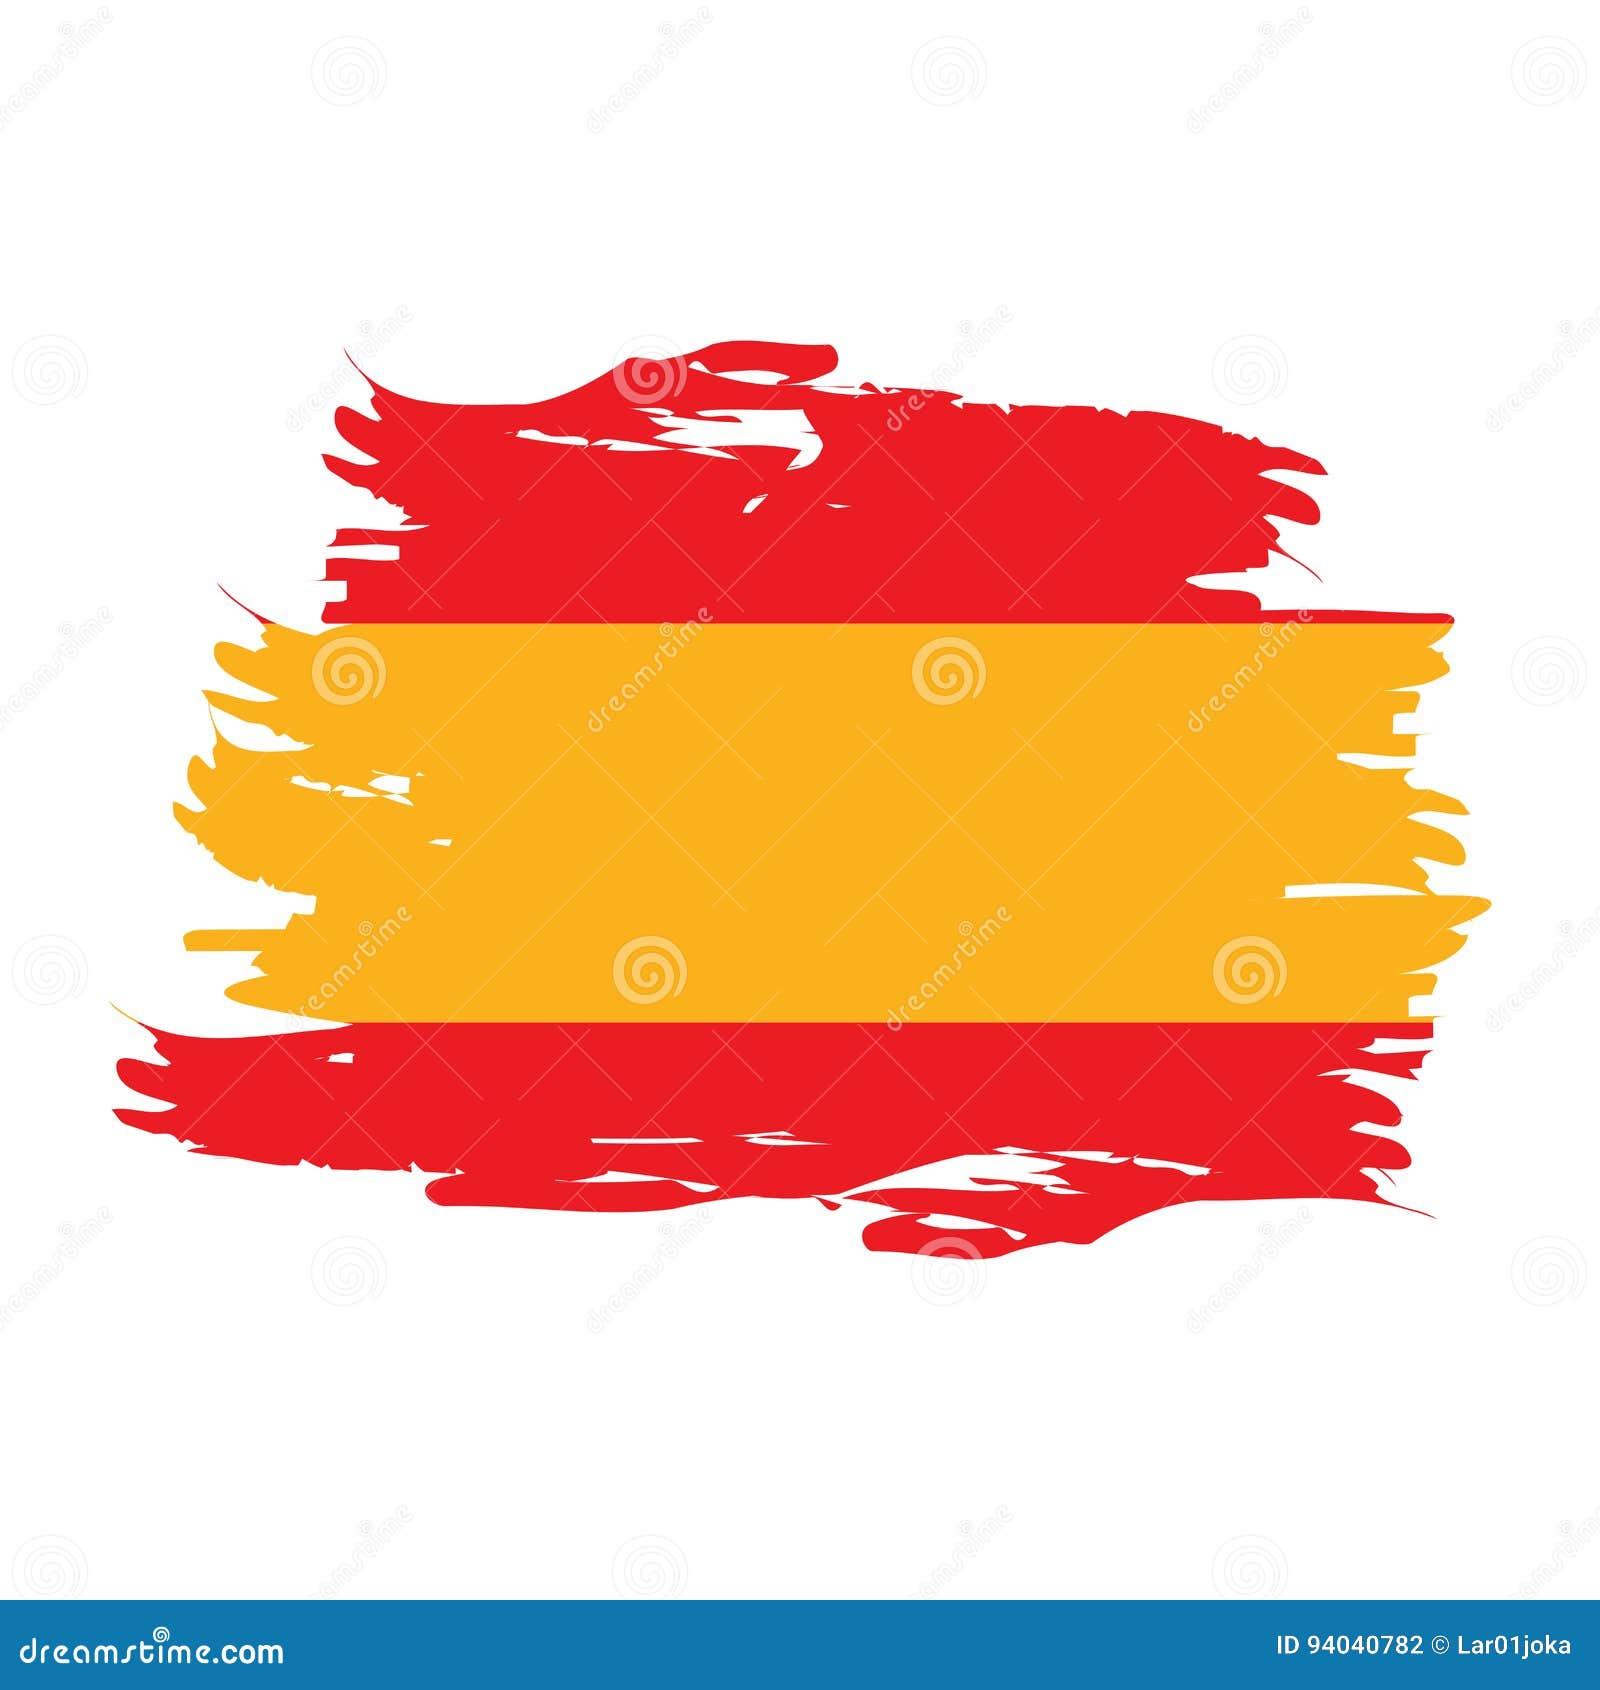 Isolated Spanish flag